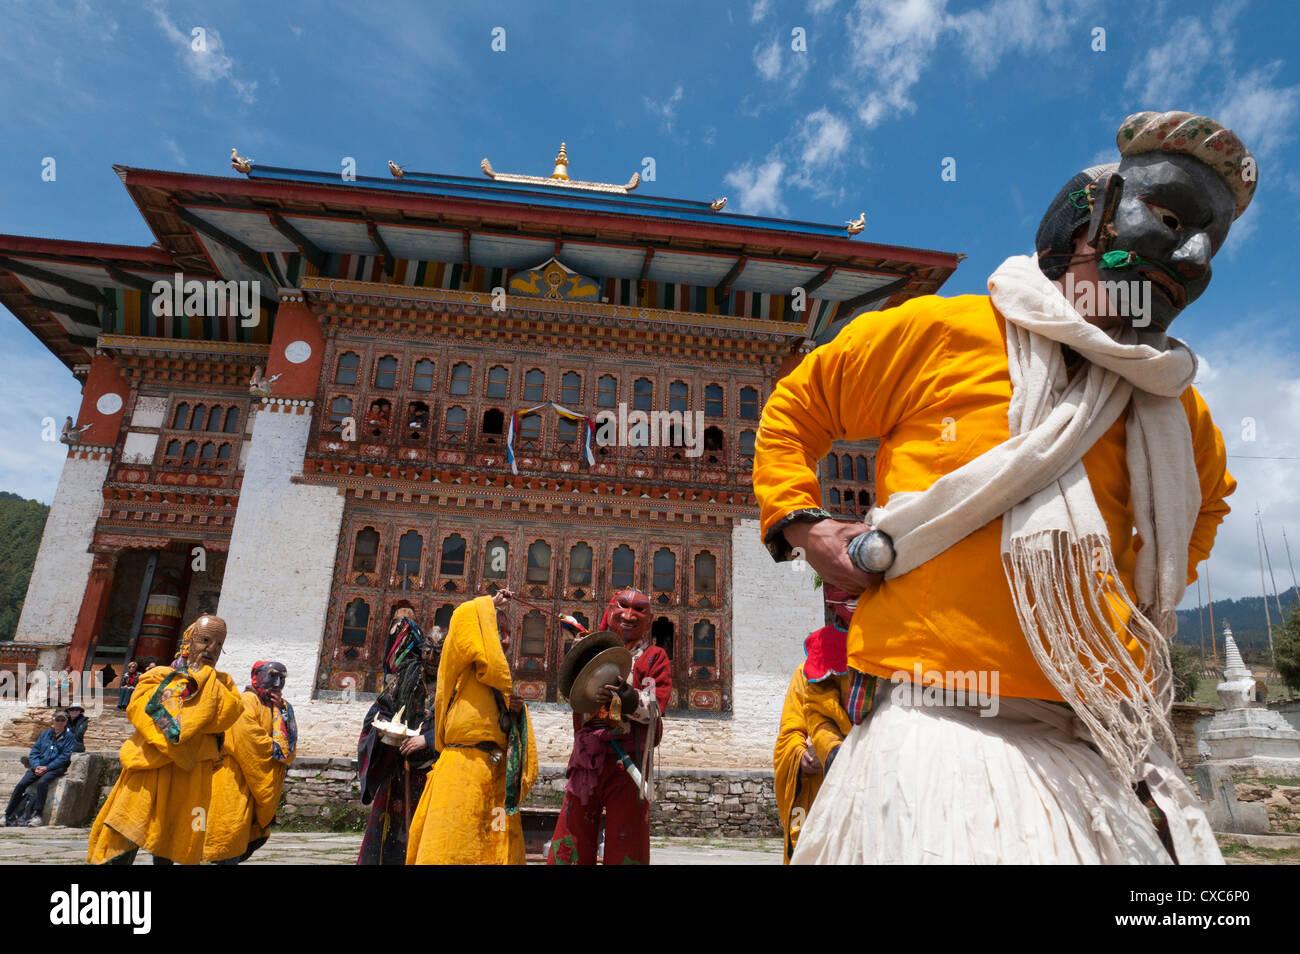 Tradizionale festa buddista in ura, Bumthang, Bhutan, Asia Immagini Stock